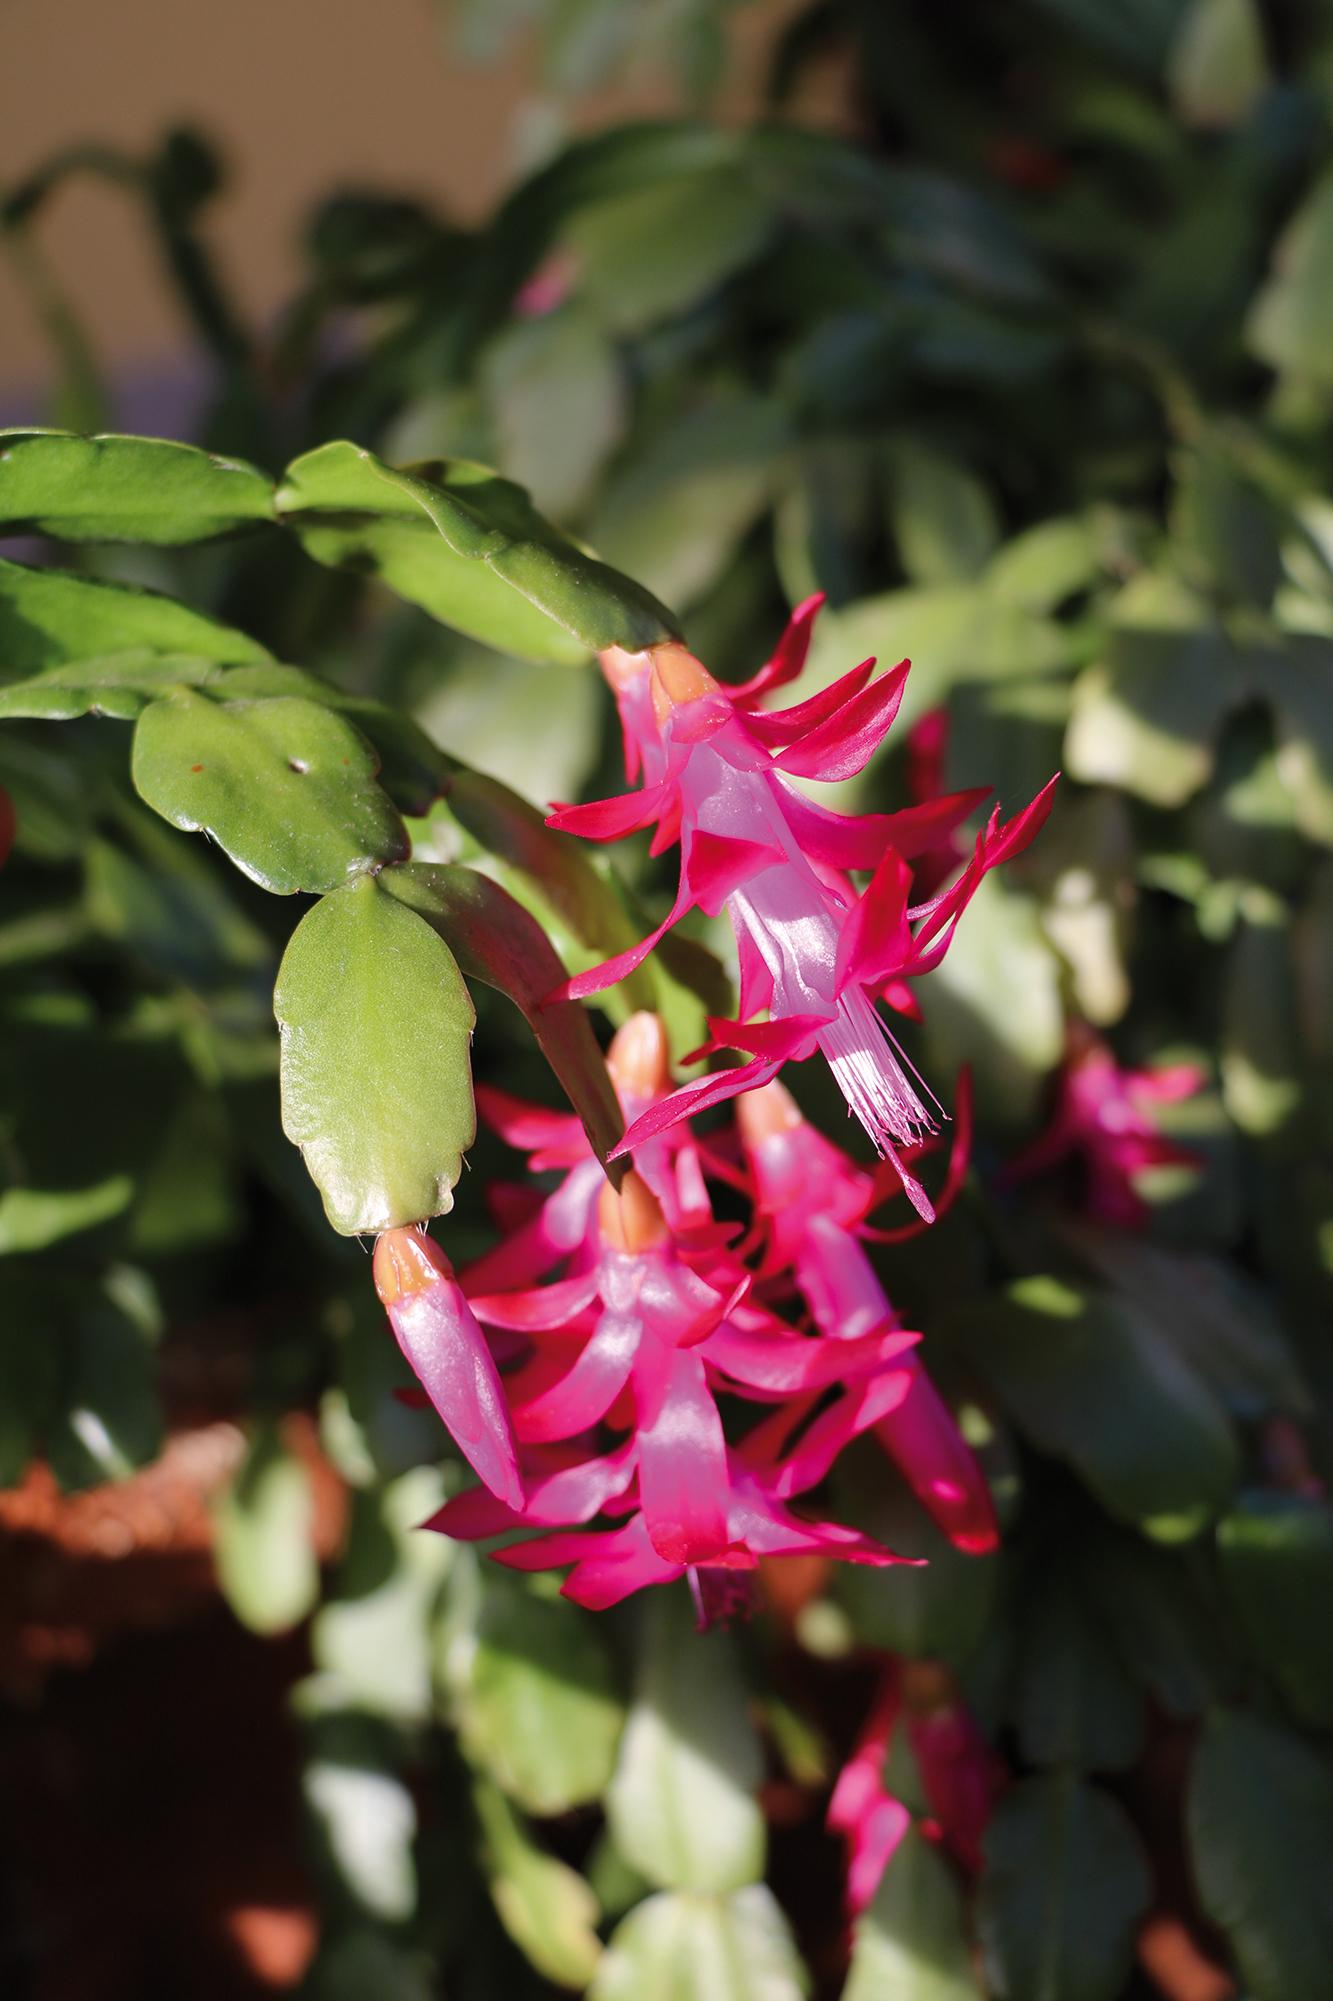 Fleurs rouges de Schlumbergera truncata - © ClaraNila - Adobe stock